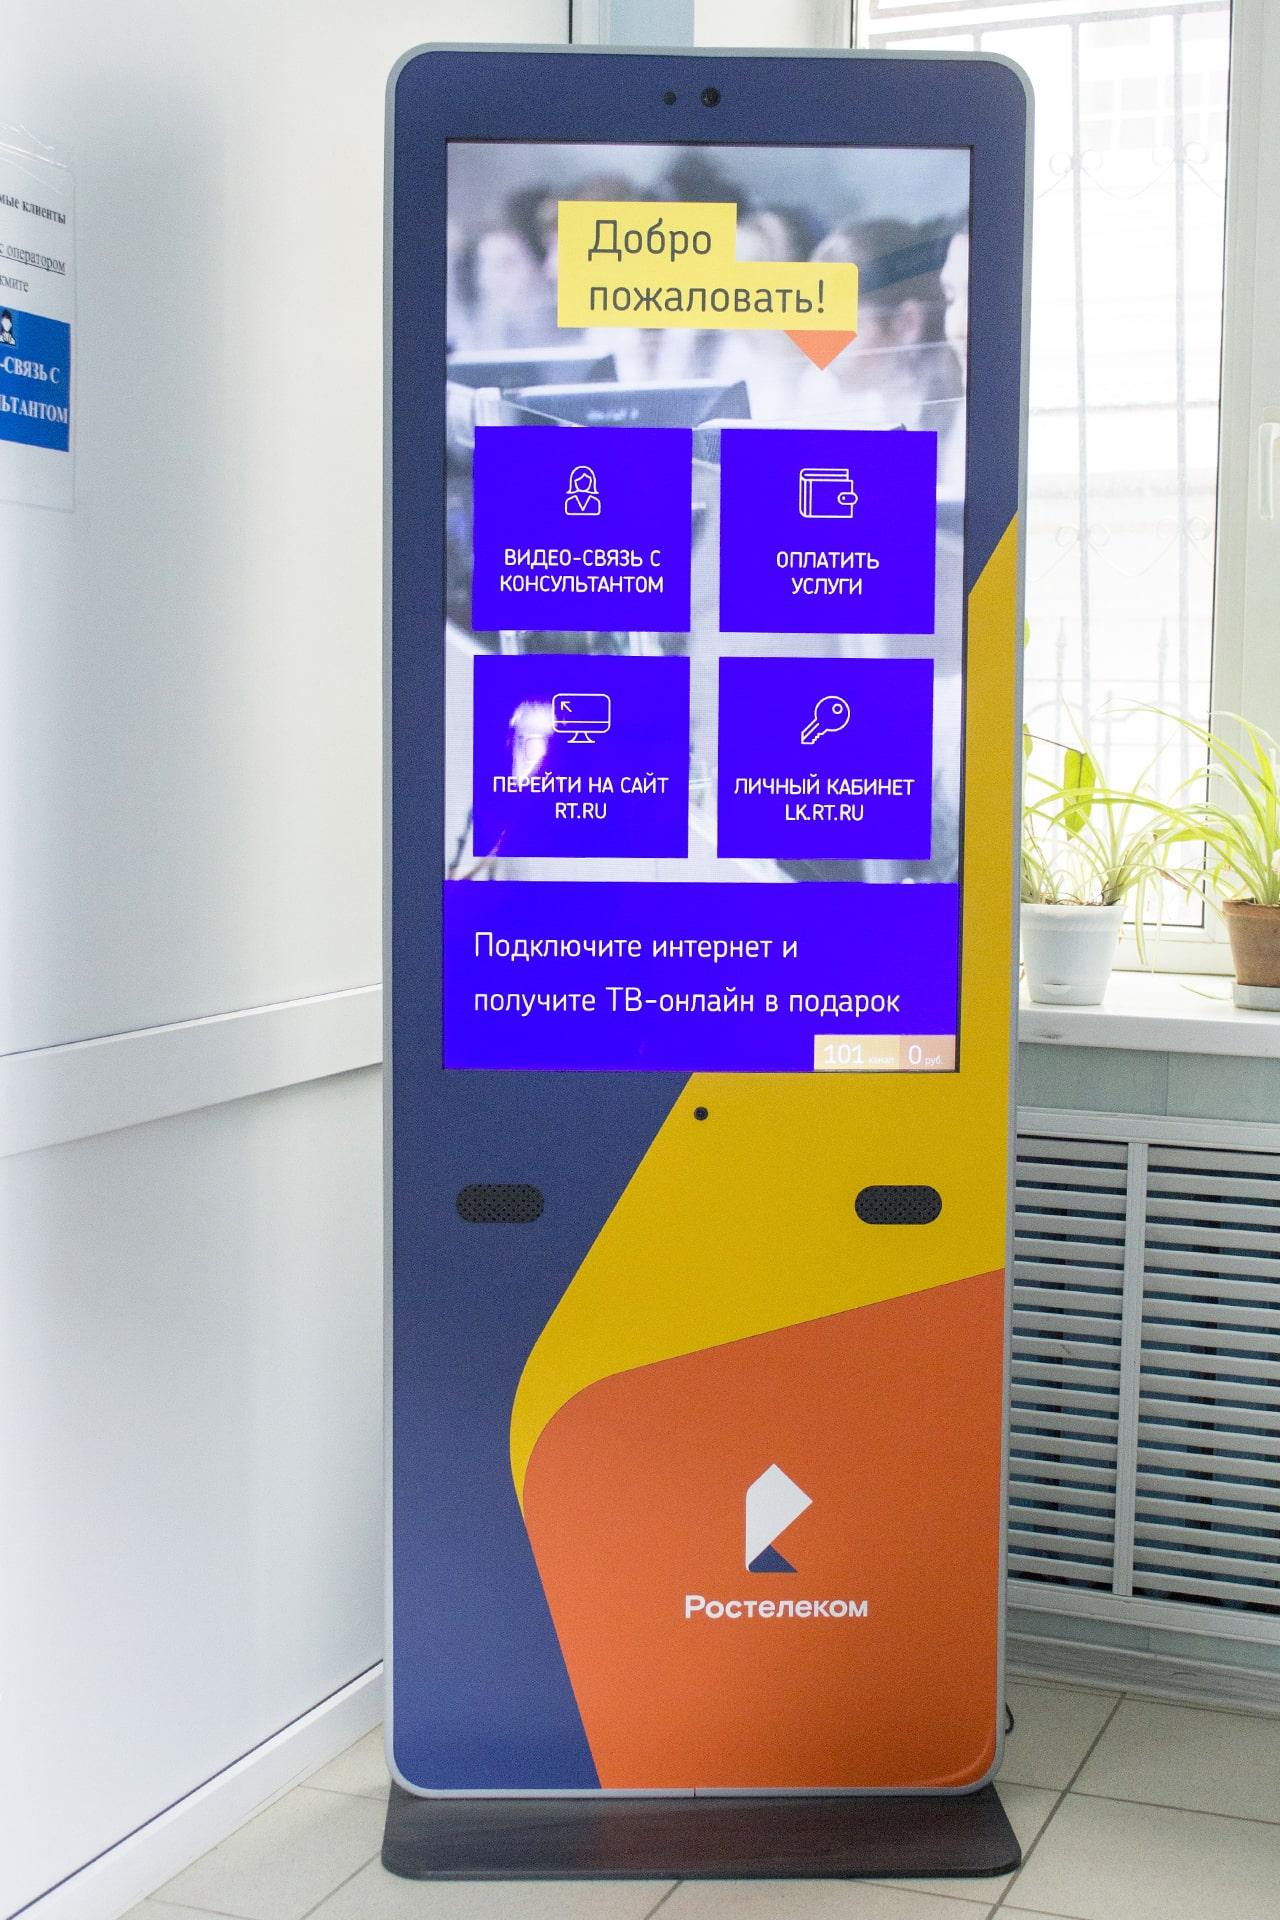 Больше 10 тысяч тверских абонентов «Ростелекома» воспользовались услугами интерактивного офиса провайдера